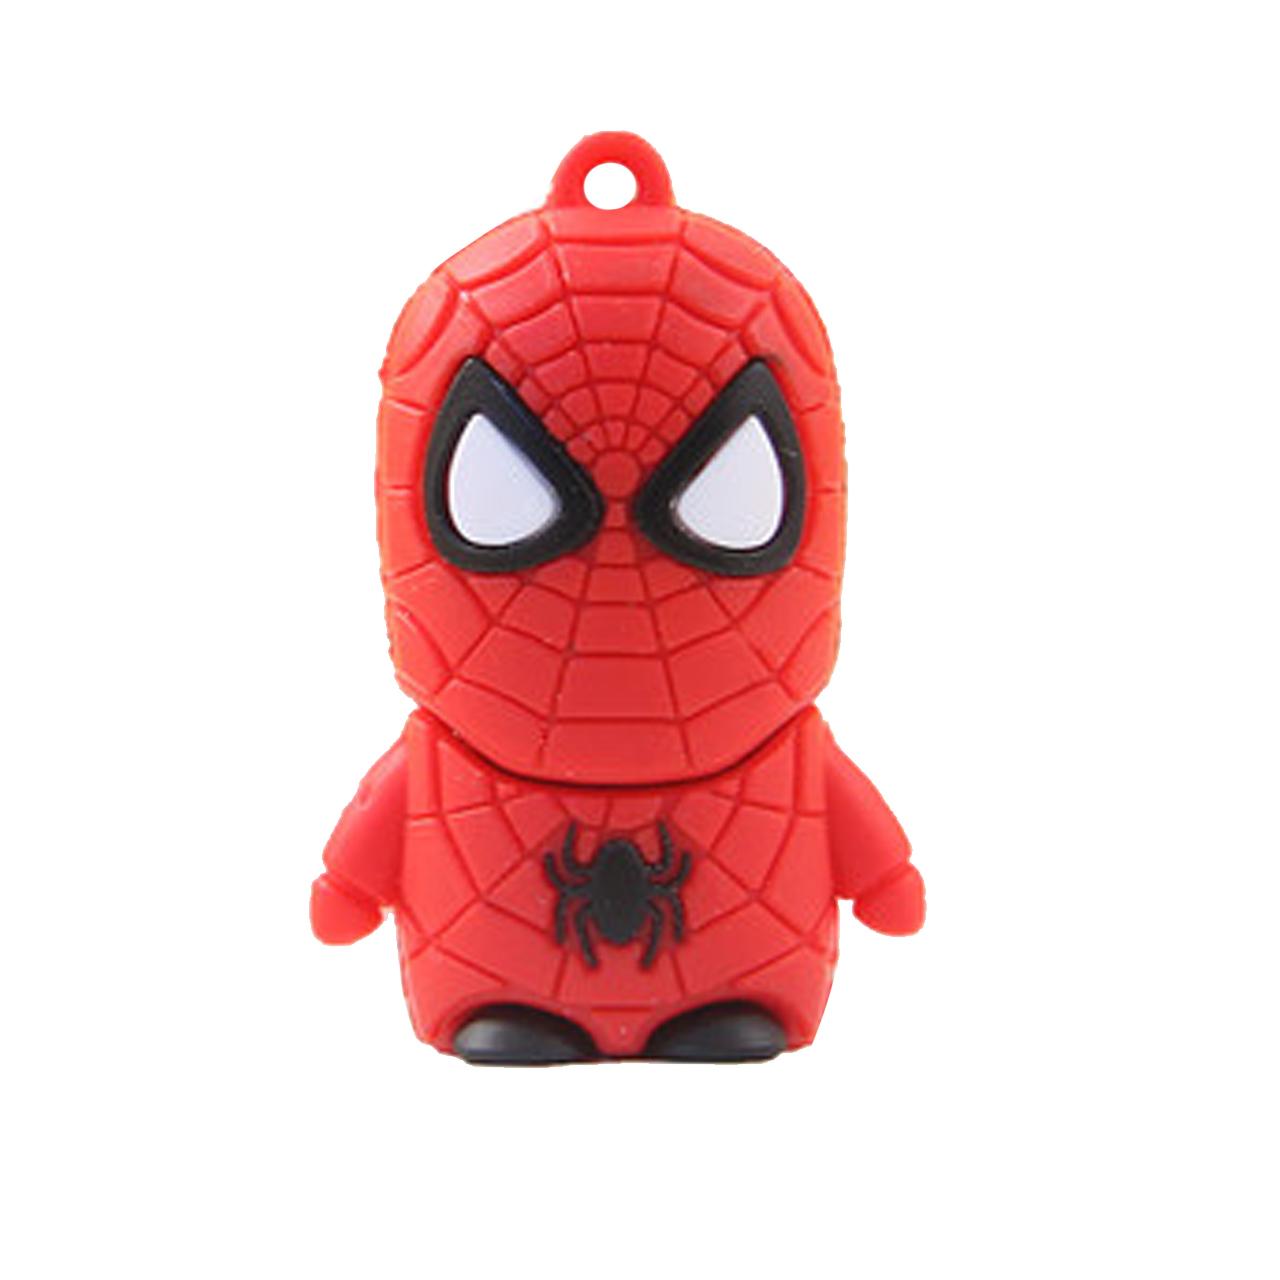 بررسی و خرید [با تخفیف]                                     فلش مموری طرح Spiderman مدل DPL1164-U3 ظرفیت 64 گیگابایت                             اورجینال